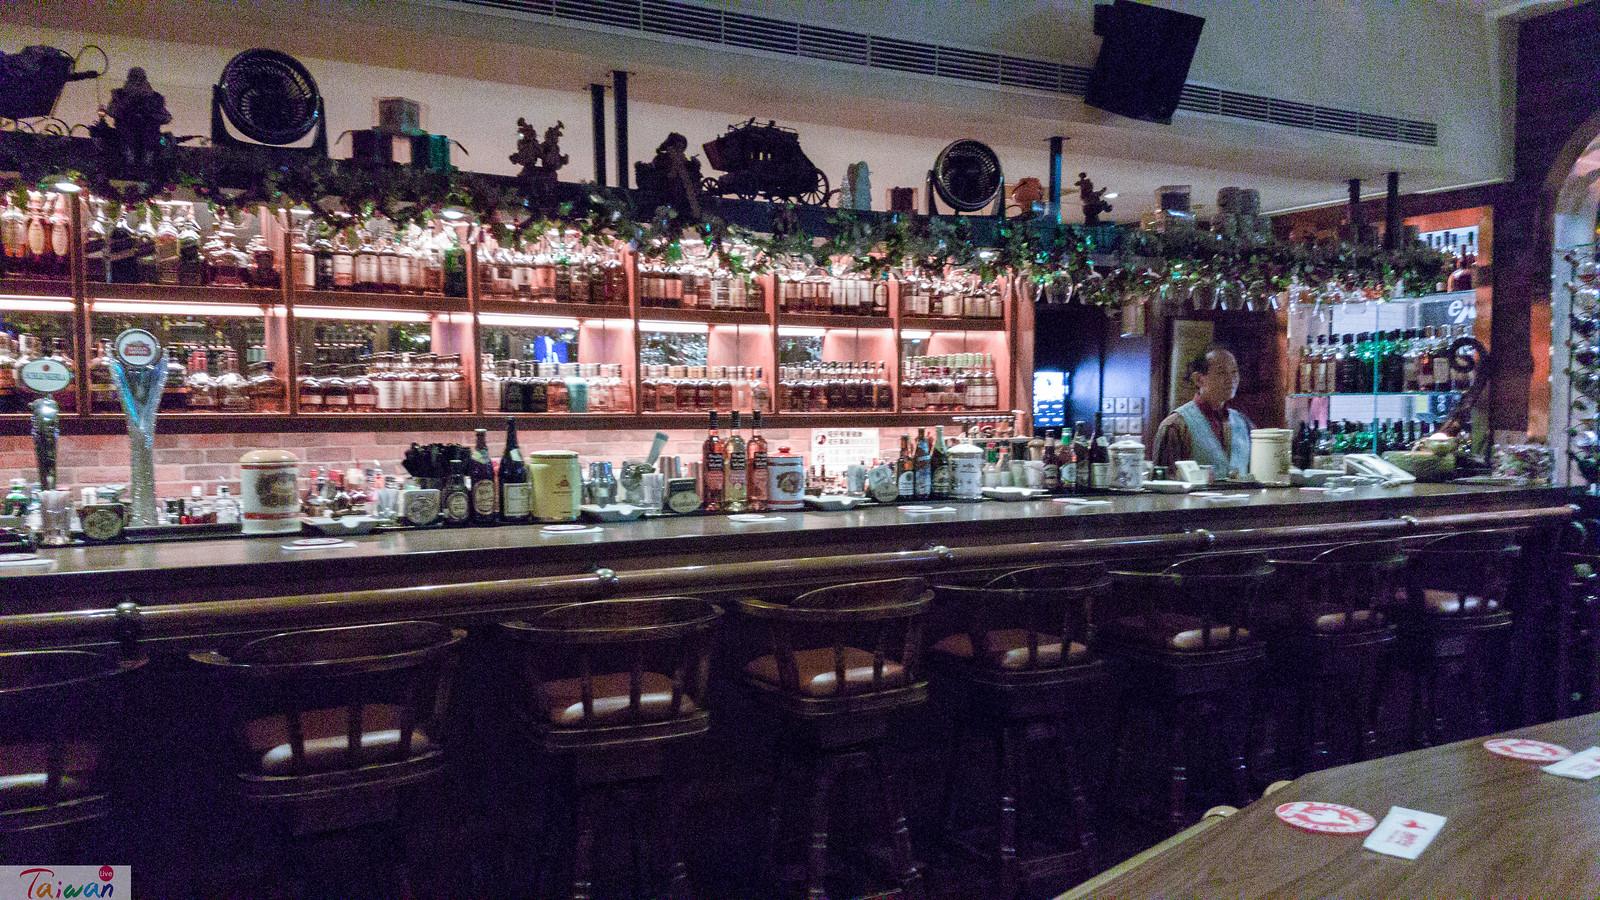 Western Cowboy's Pub